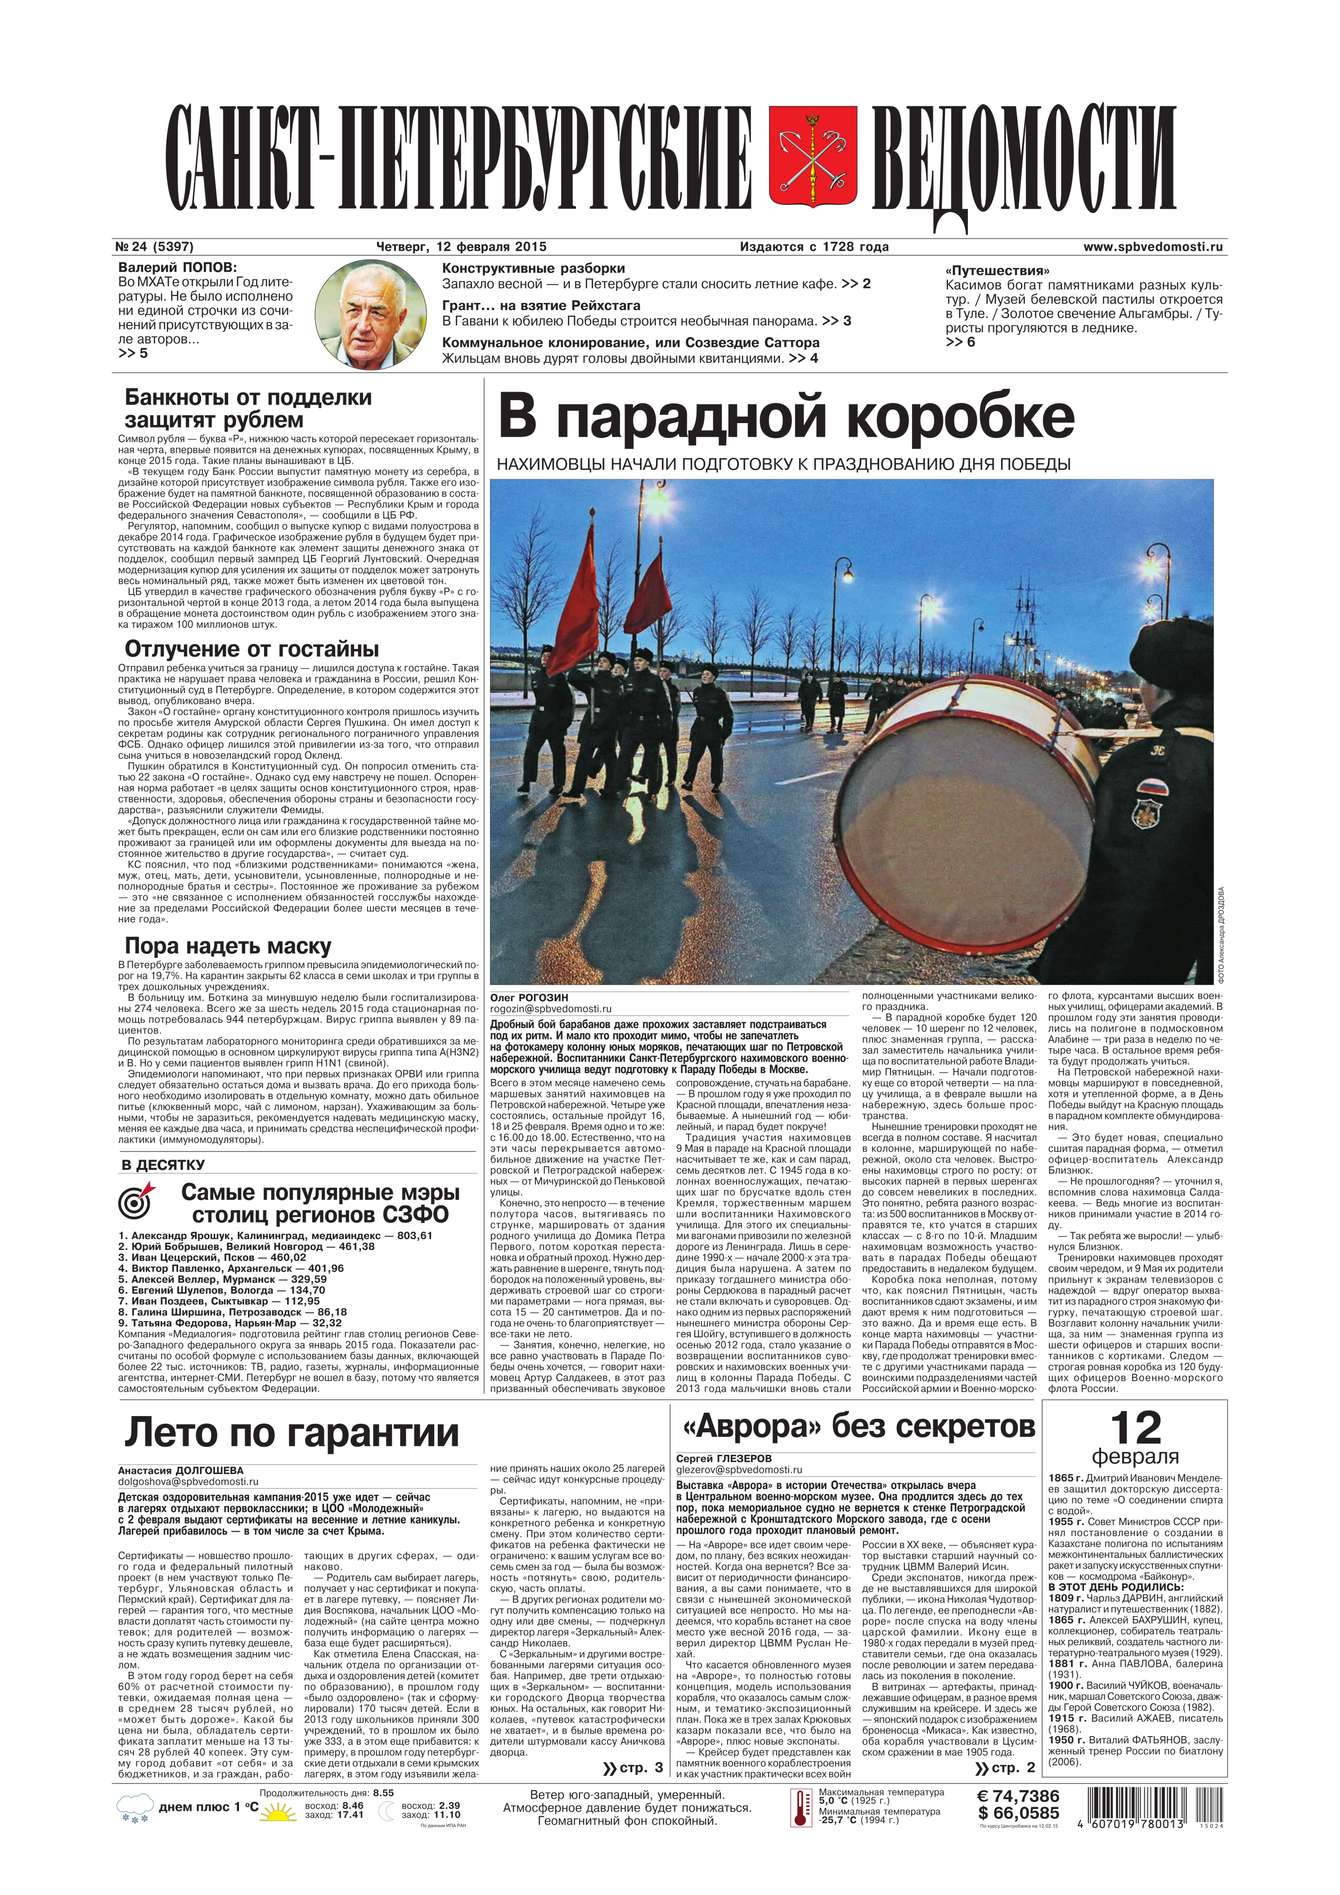 Редакция газеты Санкт-Петербургские ведомости Санкт-Петербургские ведомости 24-2015 цена